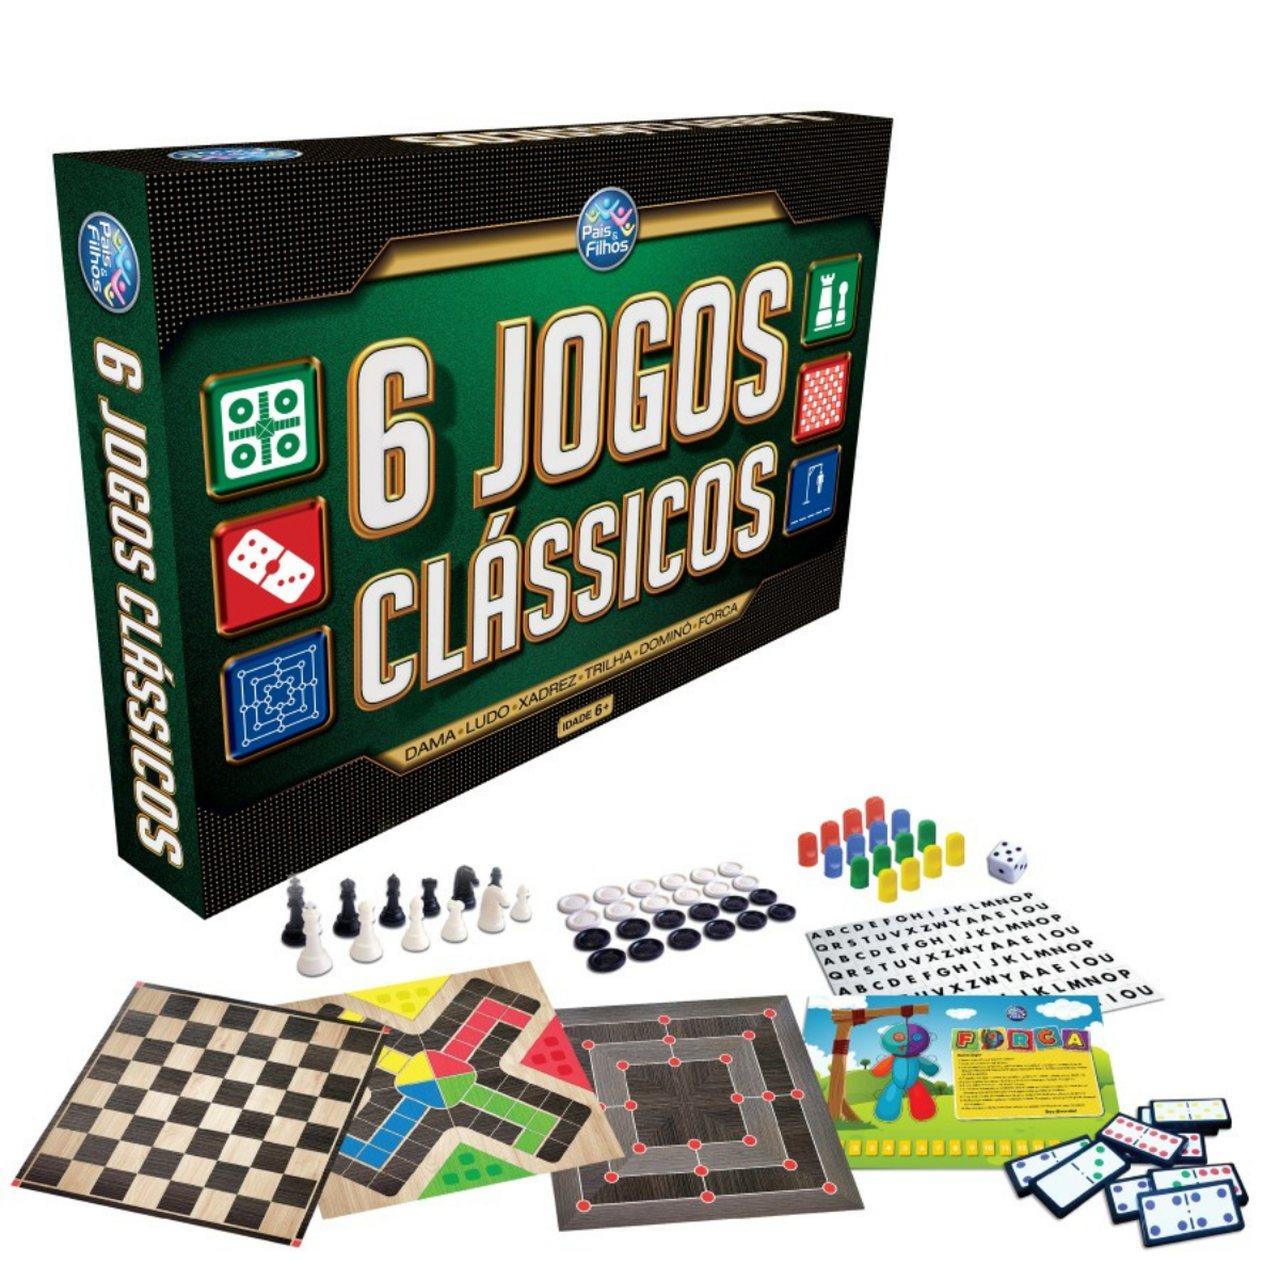 Jogos Clássicos caixa com 6 jogos de estratégia